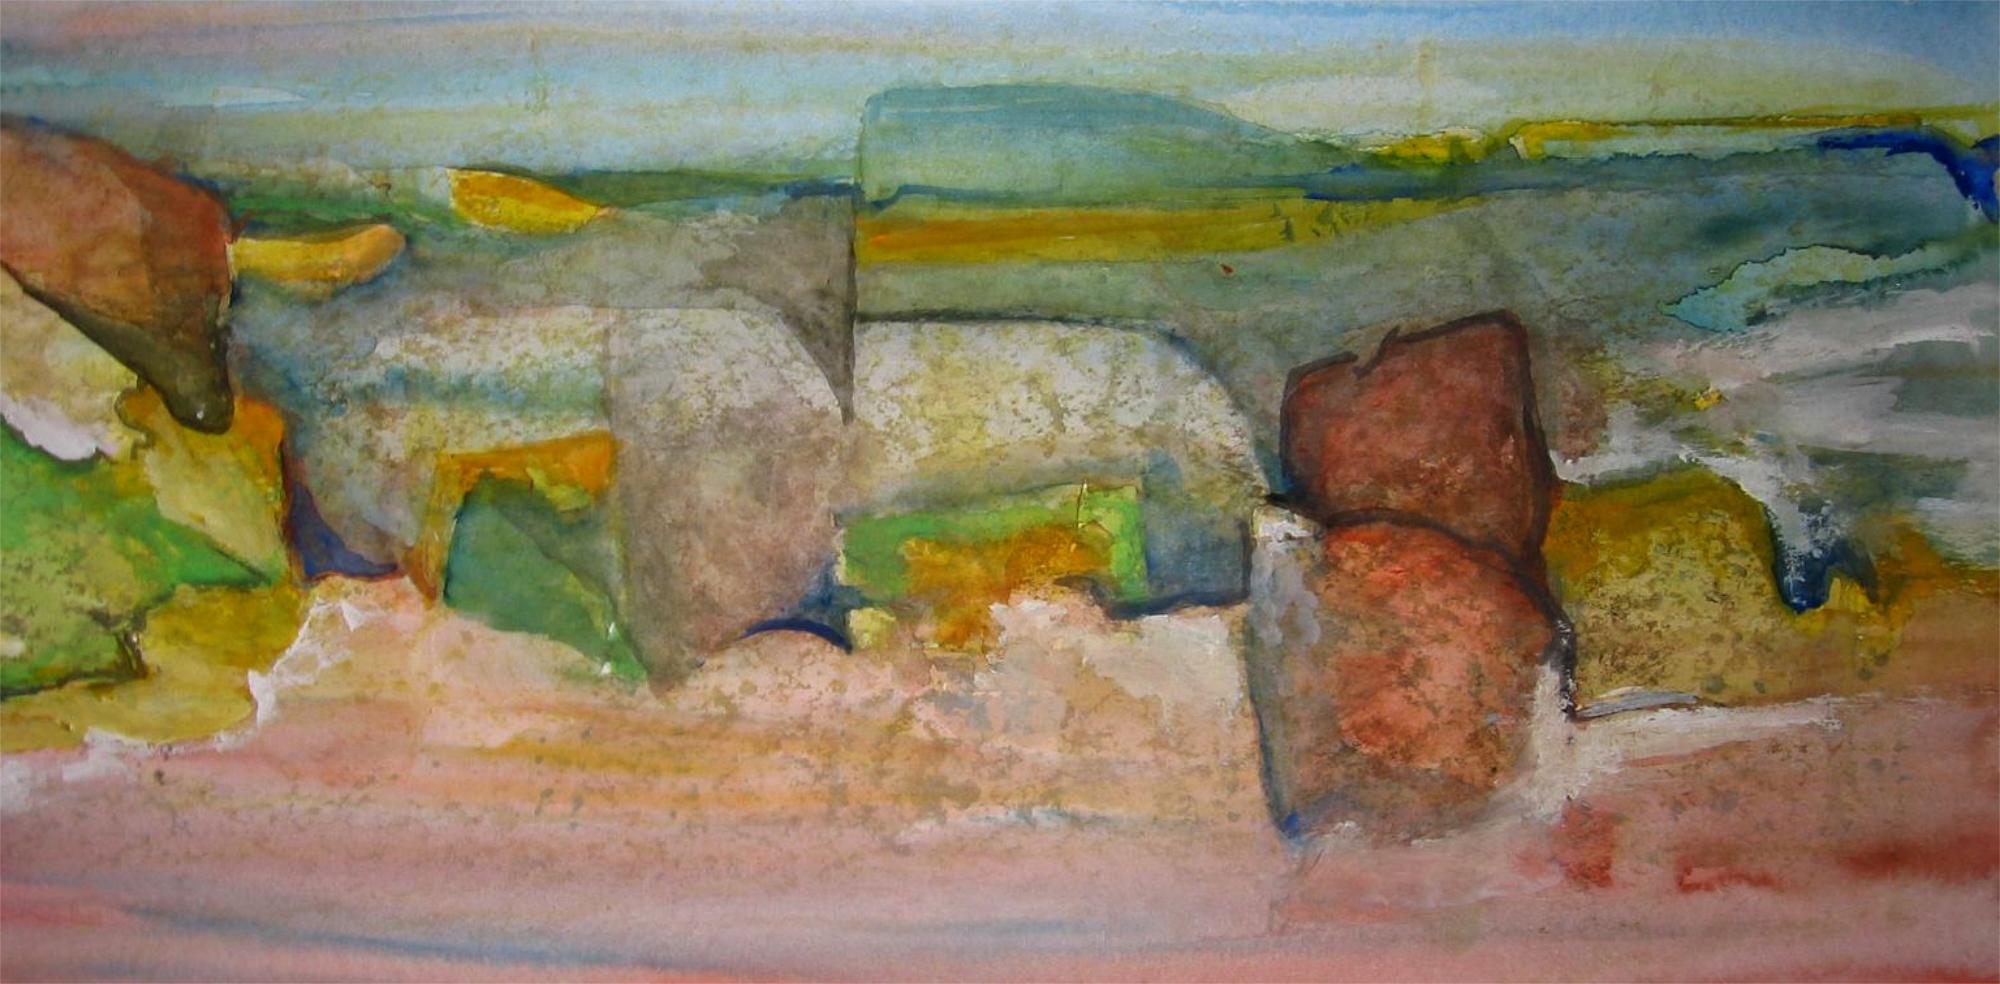 2004 - Schweigende Steine, 60x30cm, Aquarell